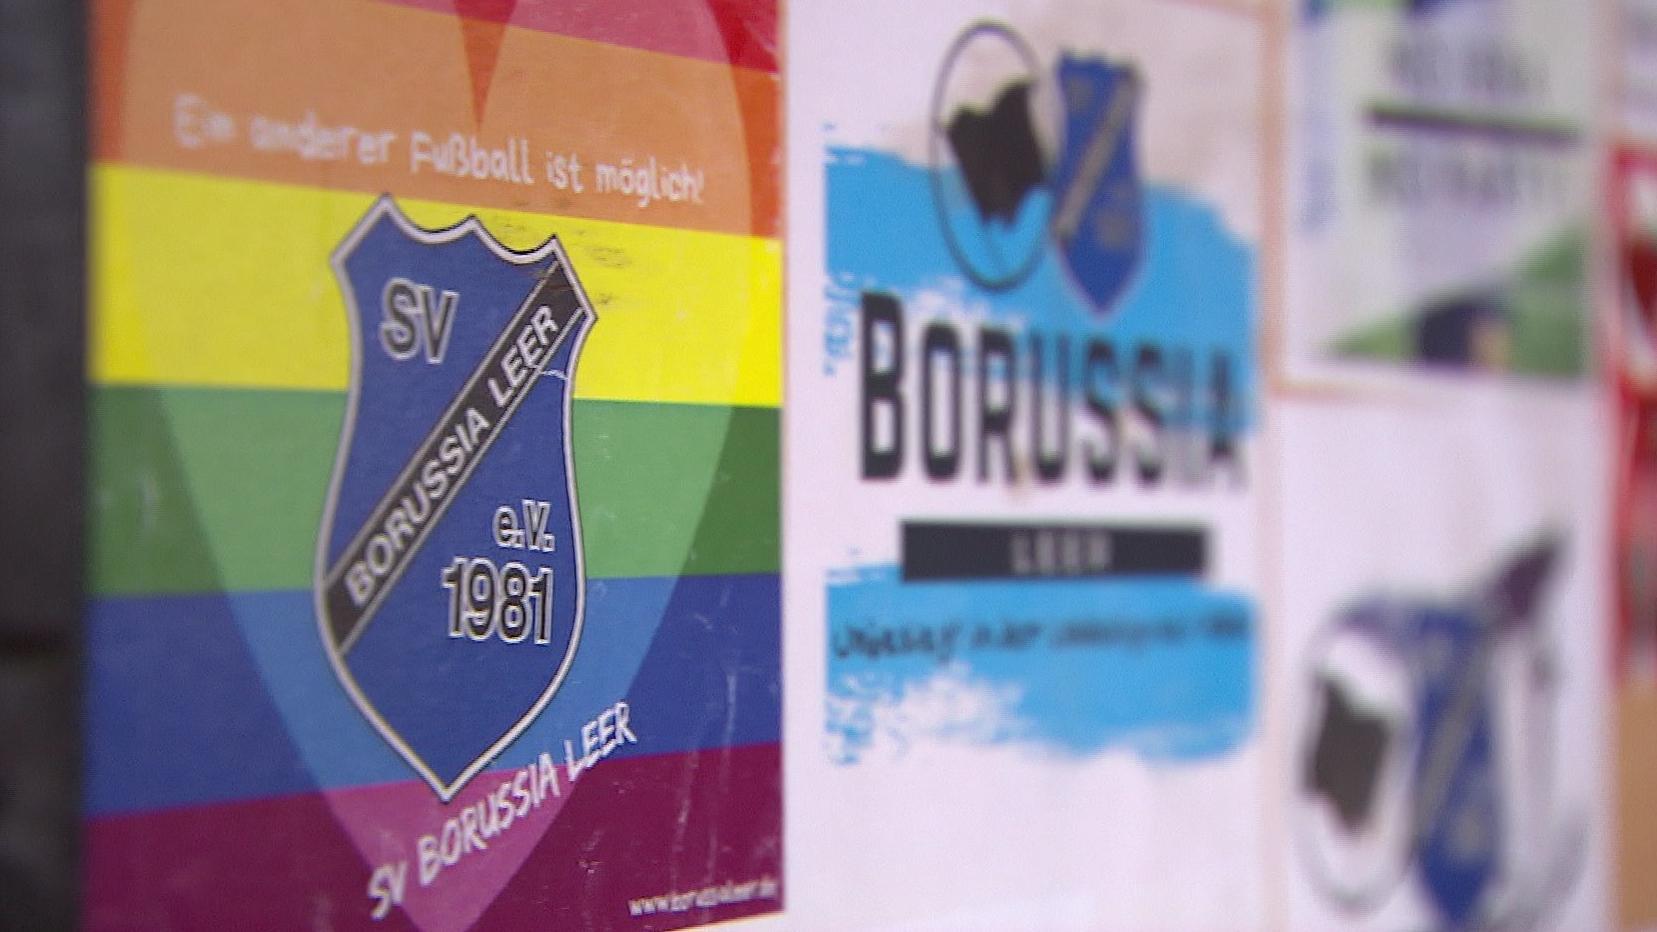 SV Borussia Leer setzt sich für Toleranz und Weltoffenheit ein